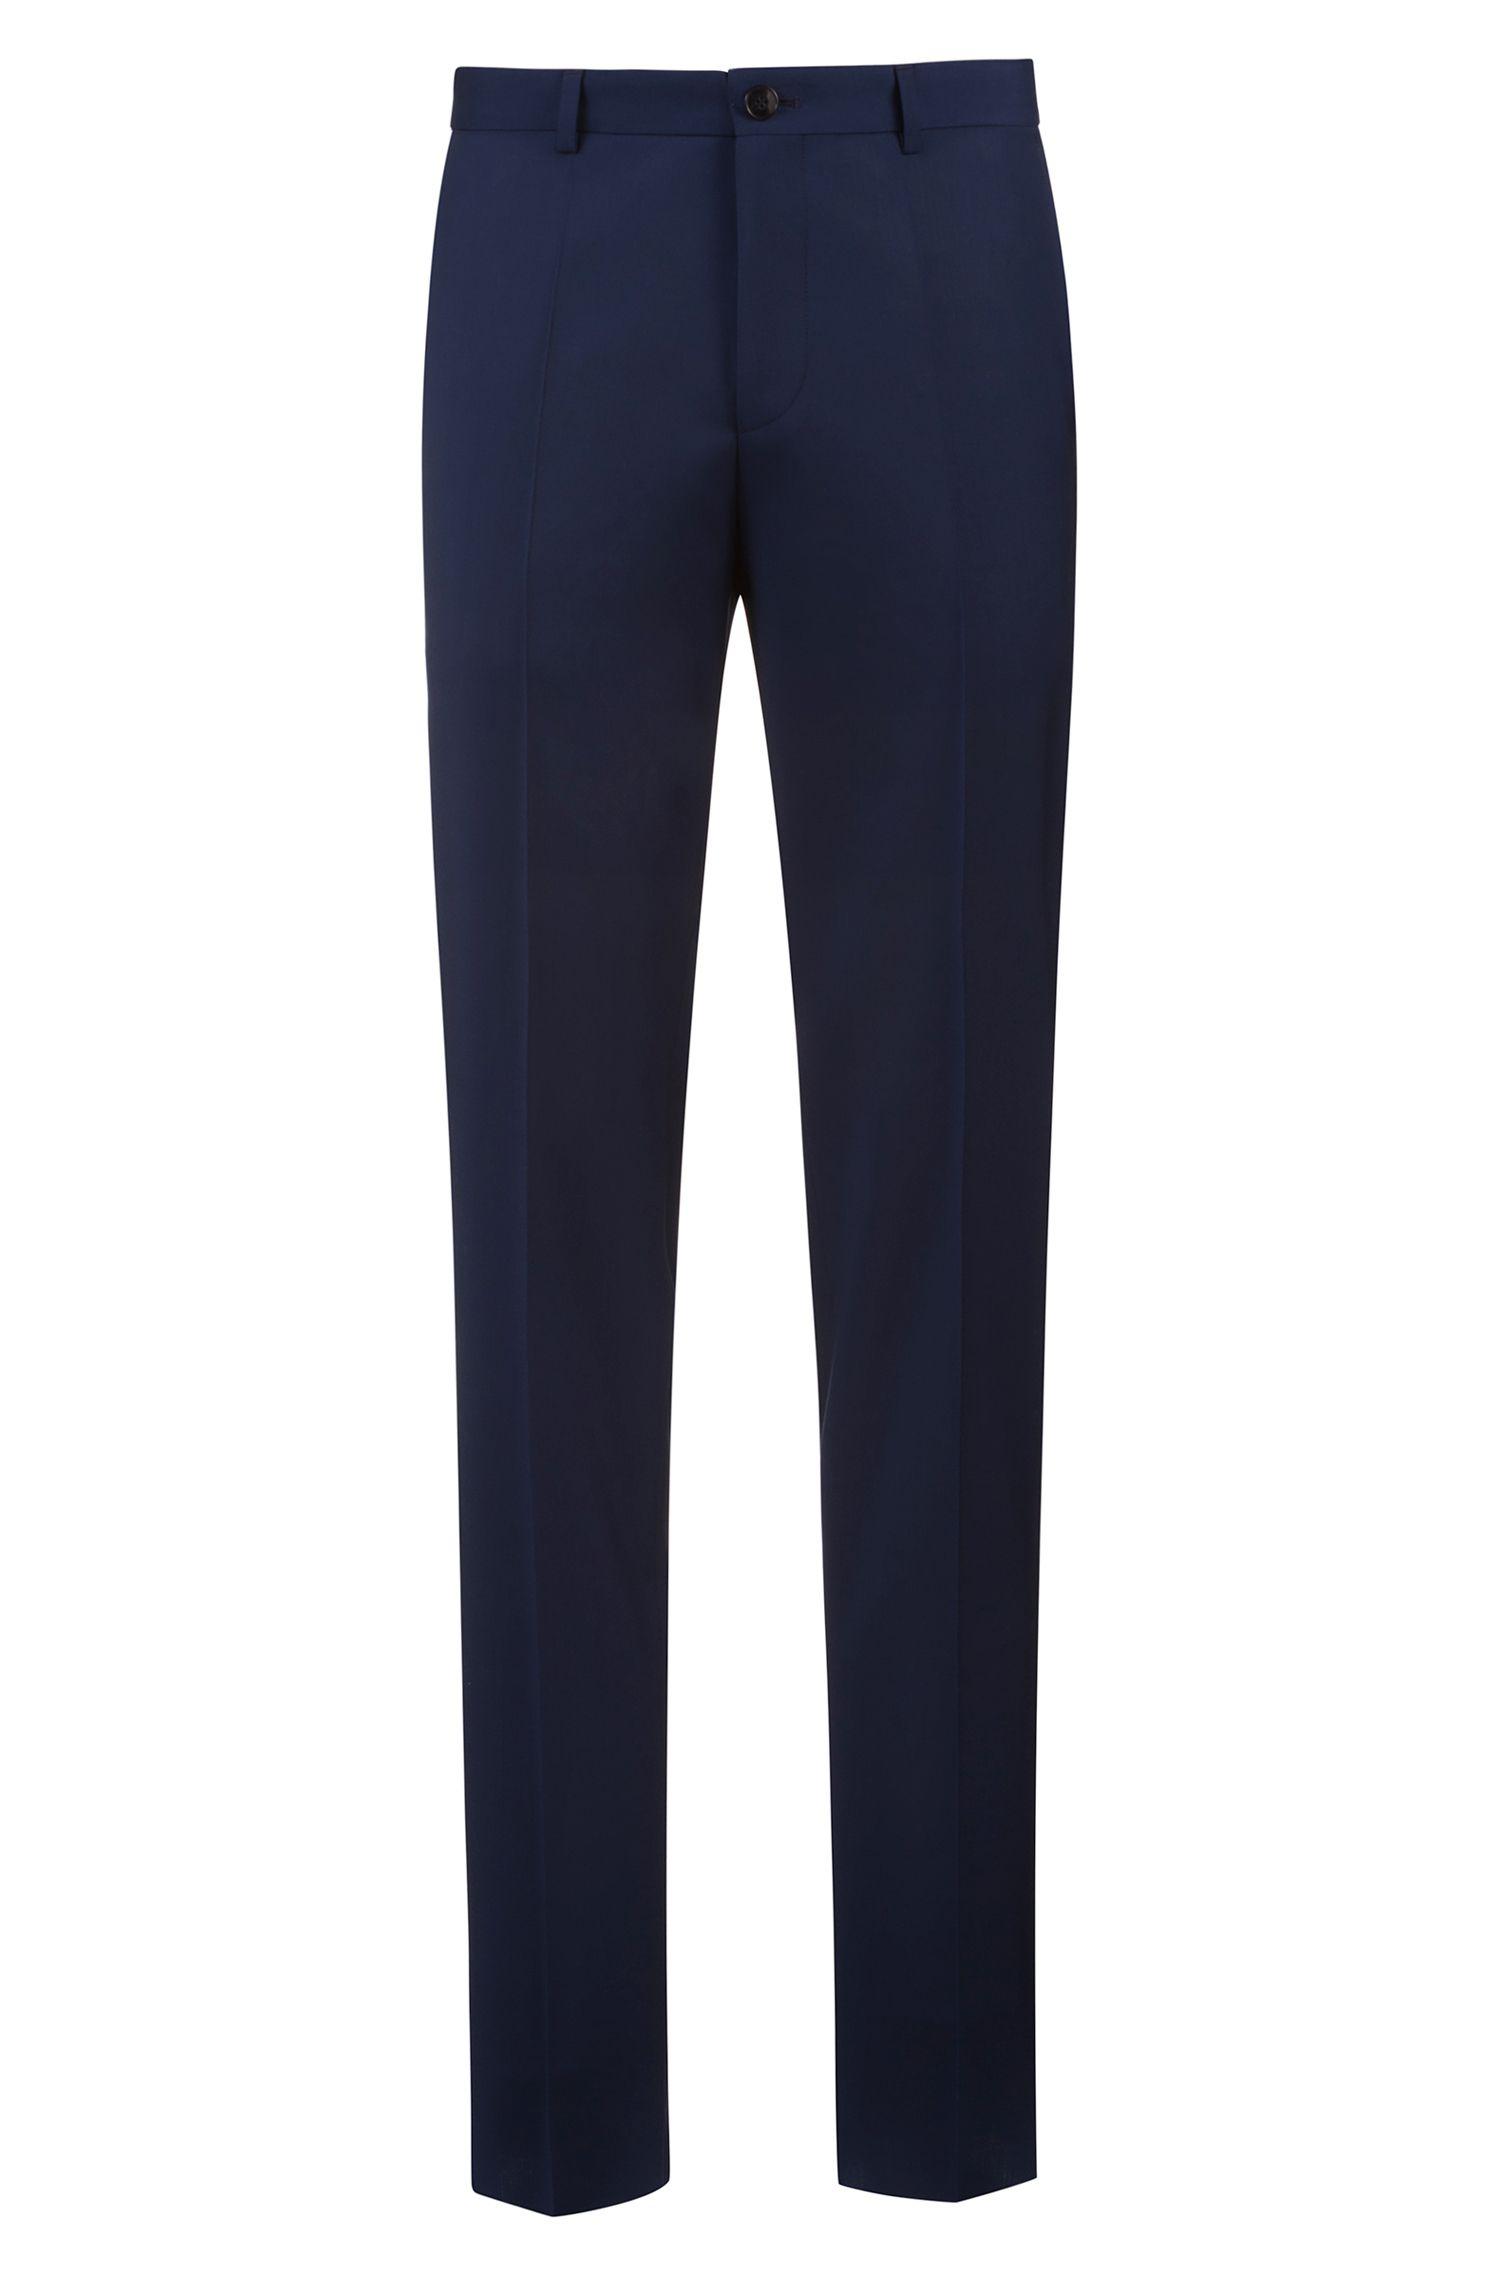 Extra-slim-fit pants in patterned virgin wool, Blue